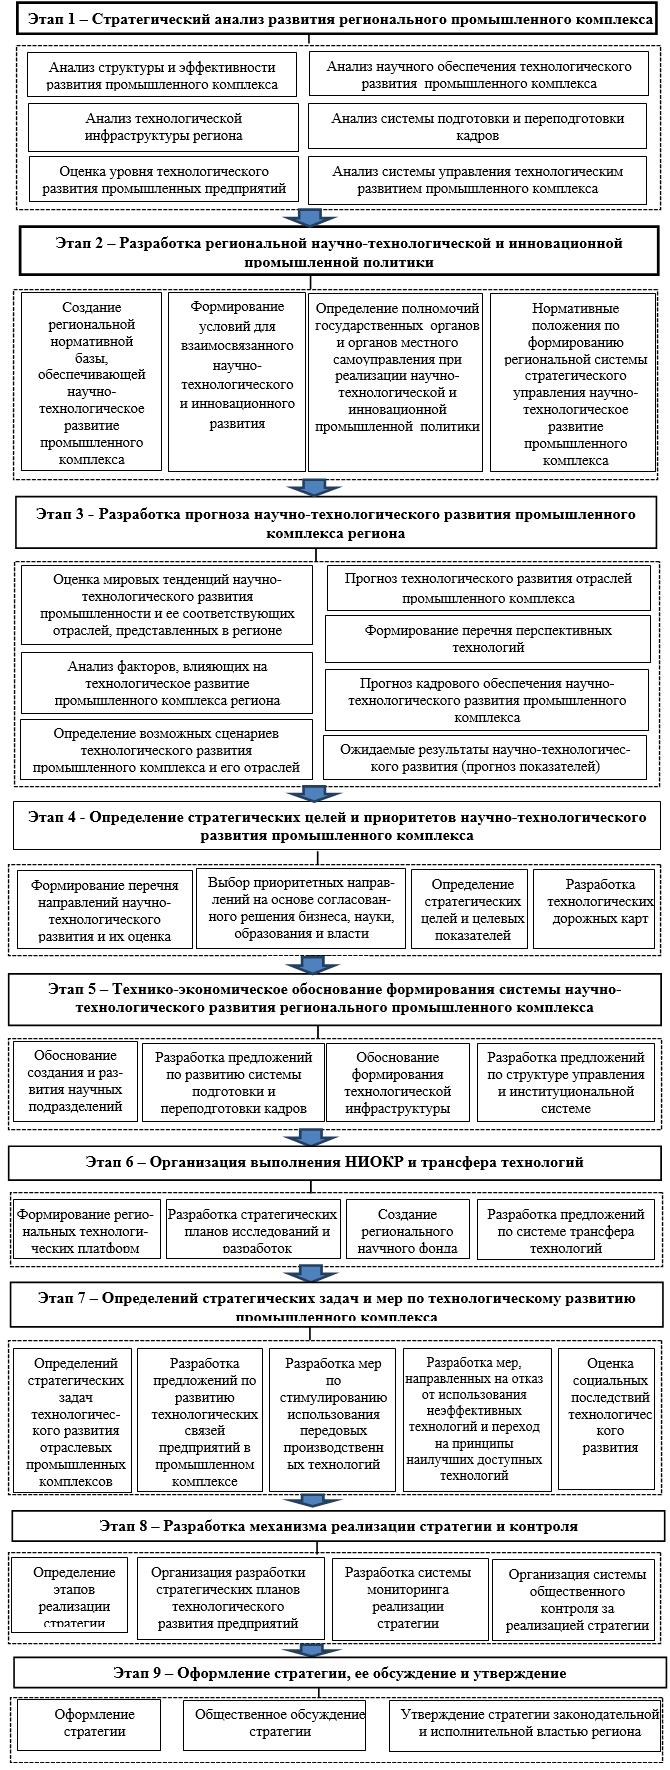 Этапы разработки стратегии научно-технологического развития промышленного комплекса региона